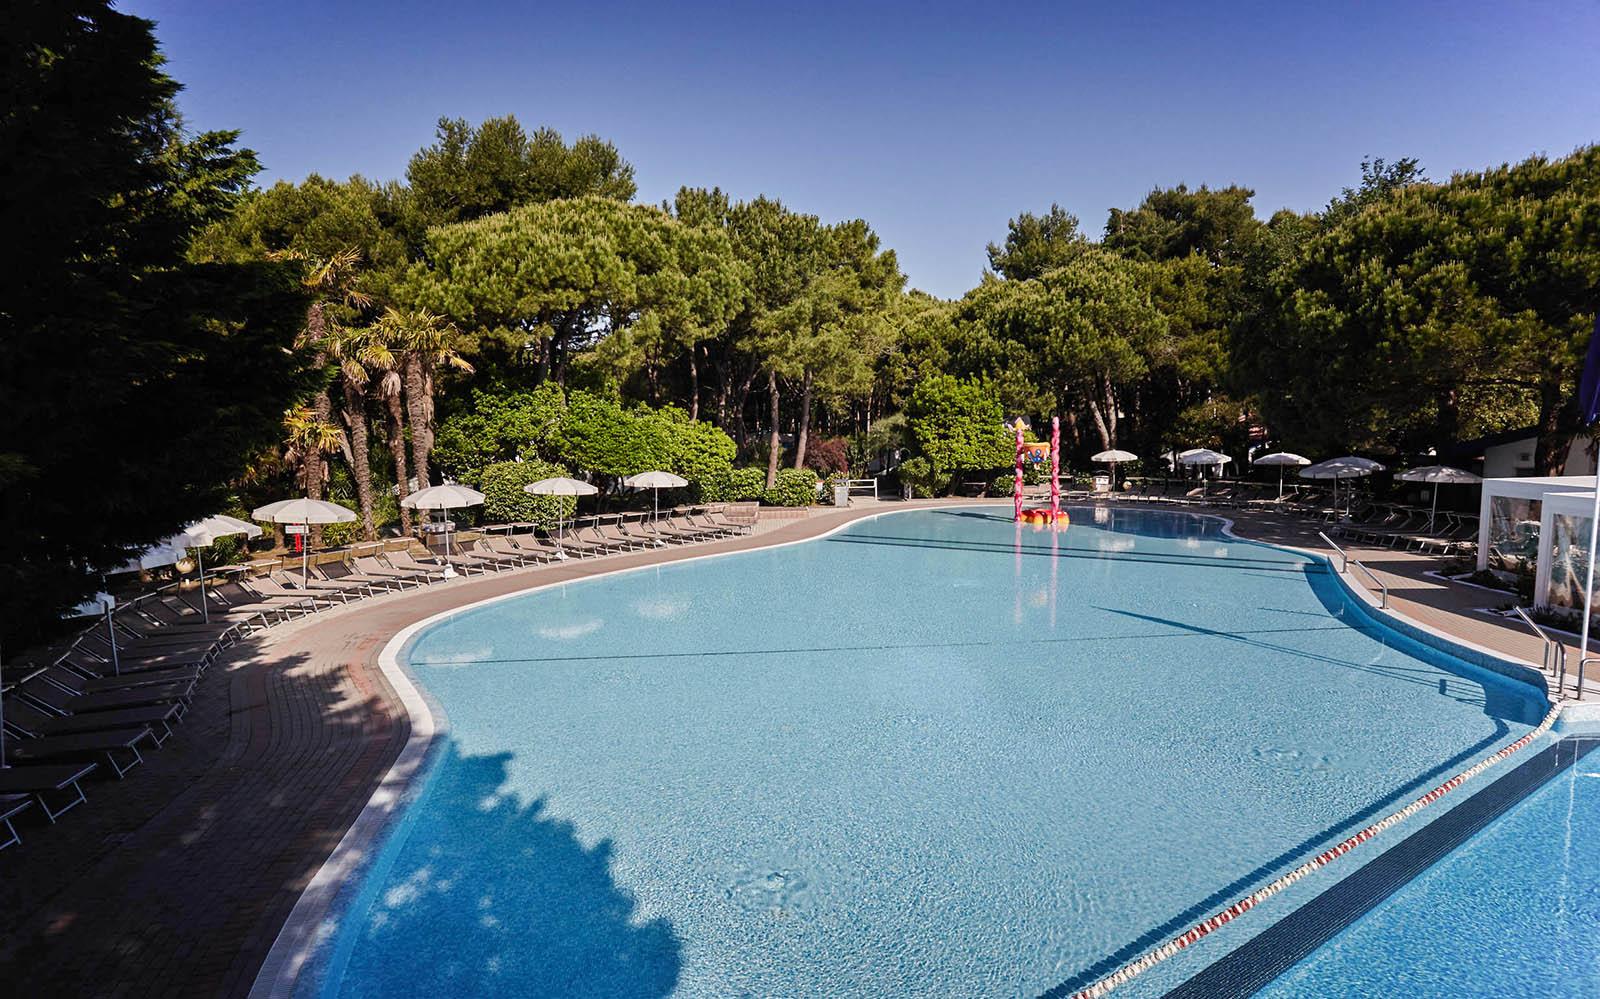 5-Dei-Fiori-campeggio-piscine-bambini